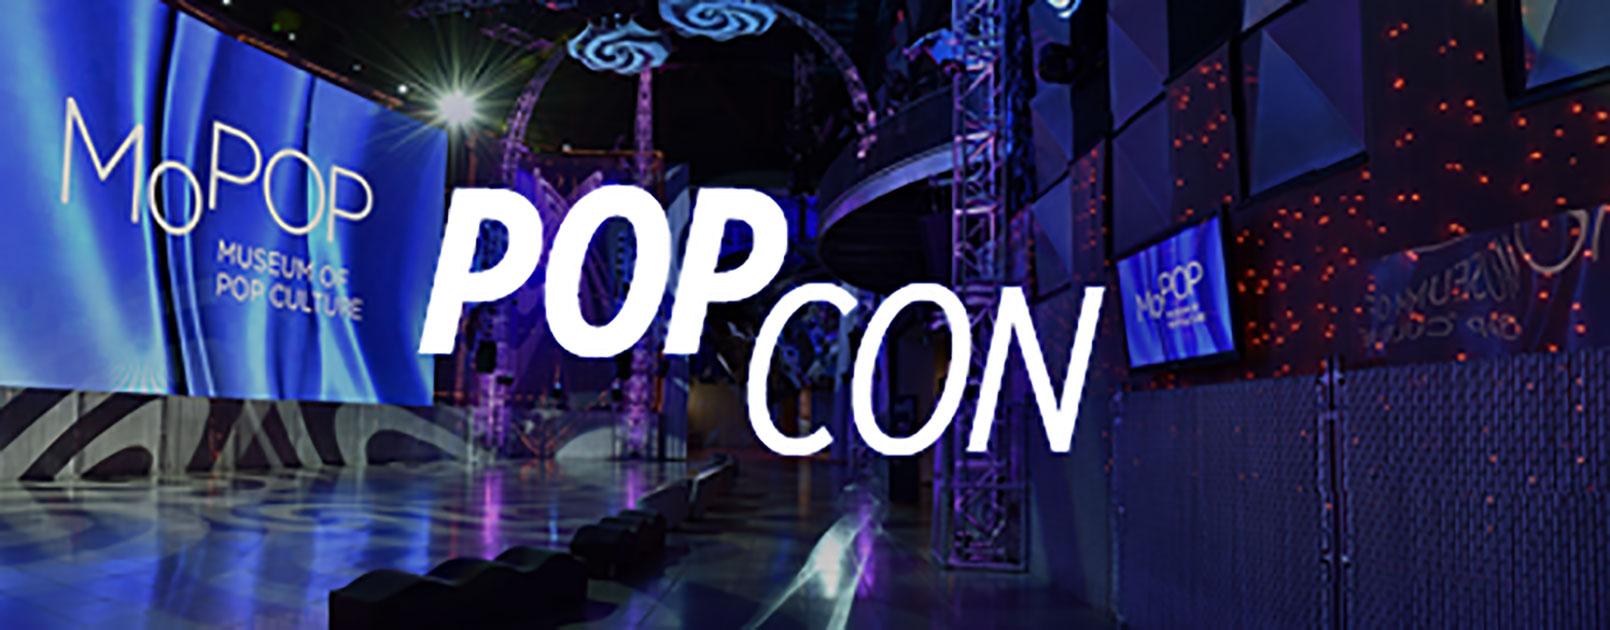 Pop Con 2020 info